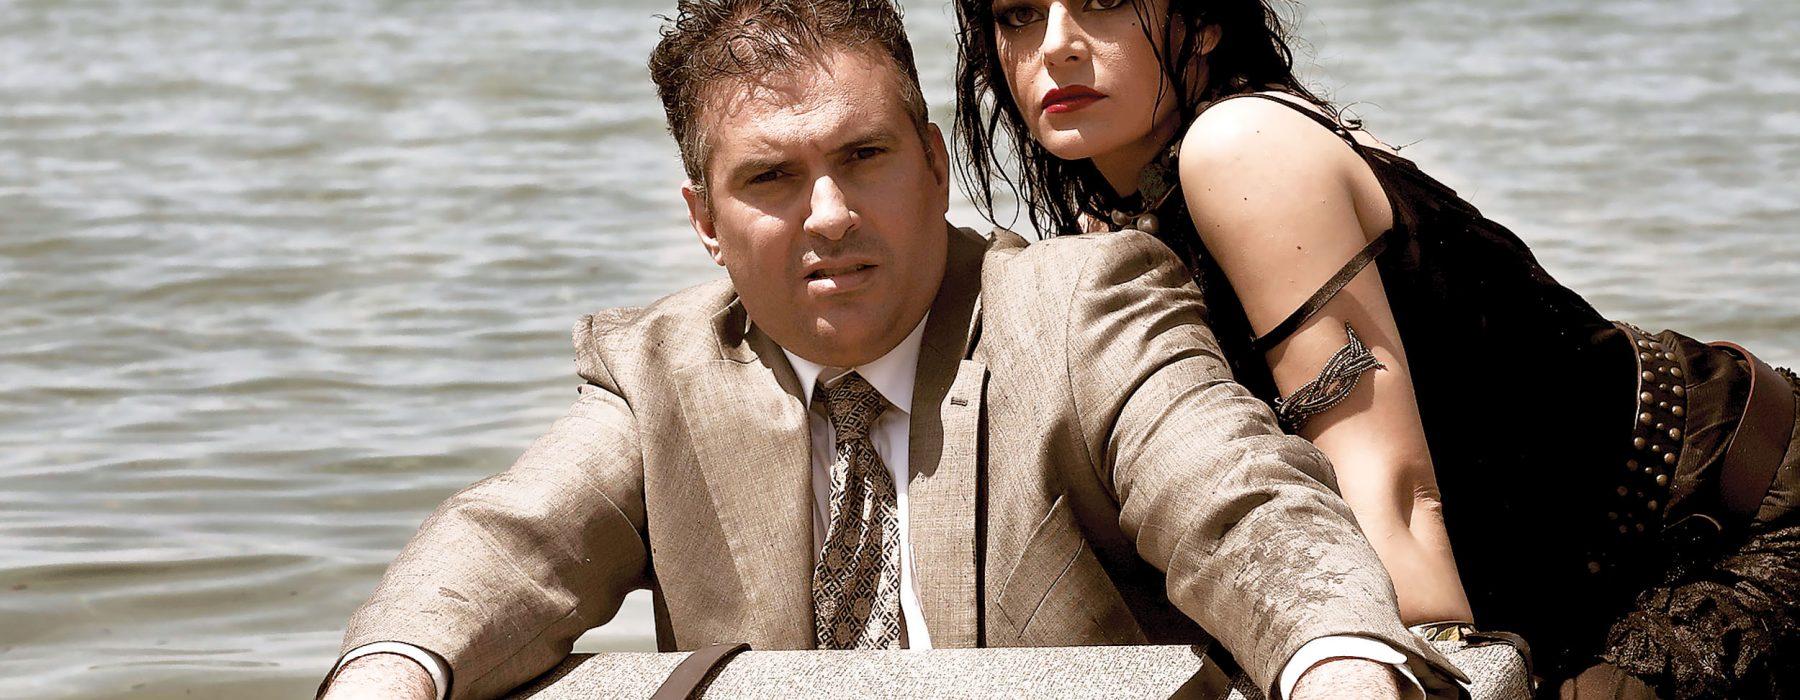 Κασσάνδρα Δημοπούλου (Μέτζο Σοπράνο)  Φίλιππος Μοδινός (Τενόρος)  Το πιο λαμπερό ζευγάρι στη ζωή και στη σκηνή του Λυρικού Θεάτρου